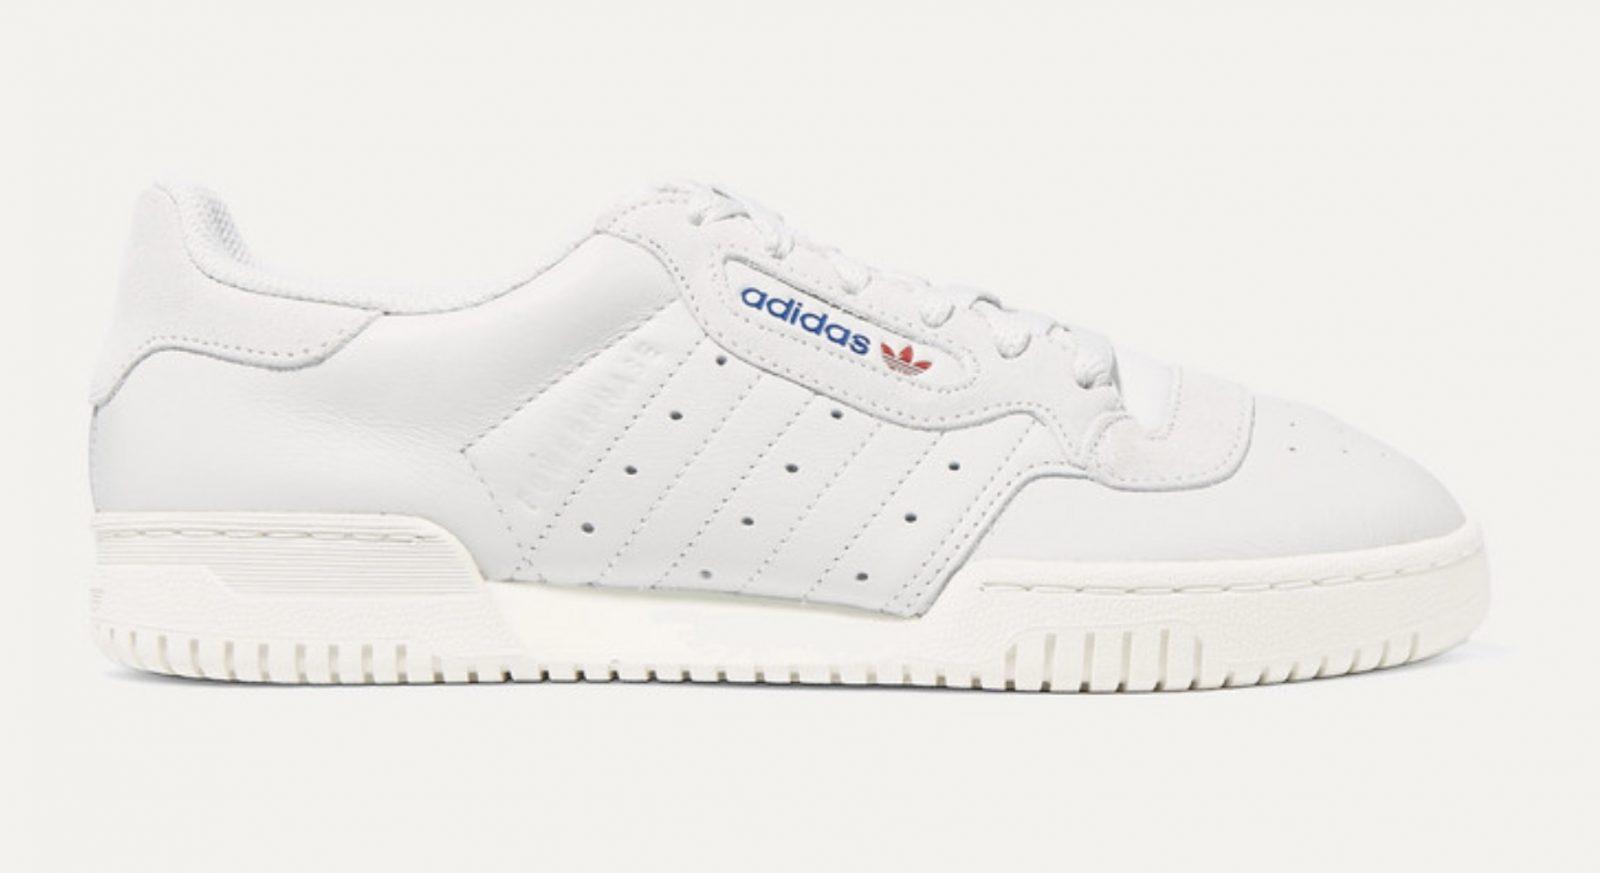 adidas Powerphase White